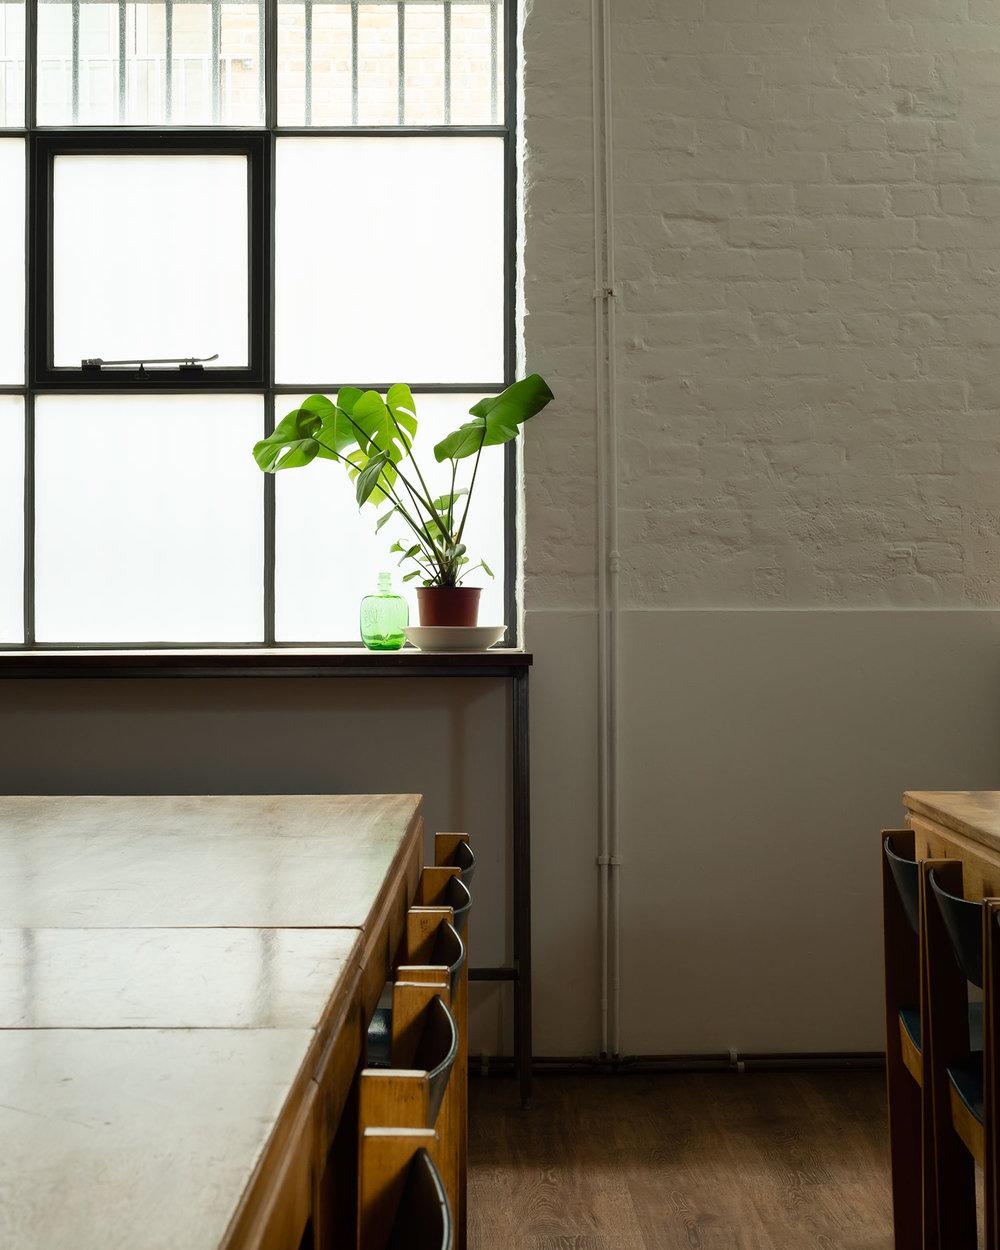 Architecture-London-Design-Freehaus-Workspace-Ink-Works-22.jpg